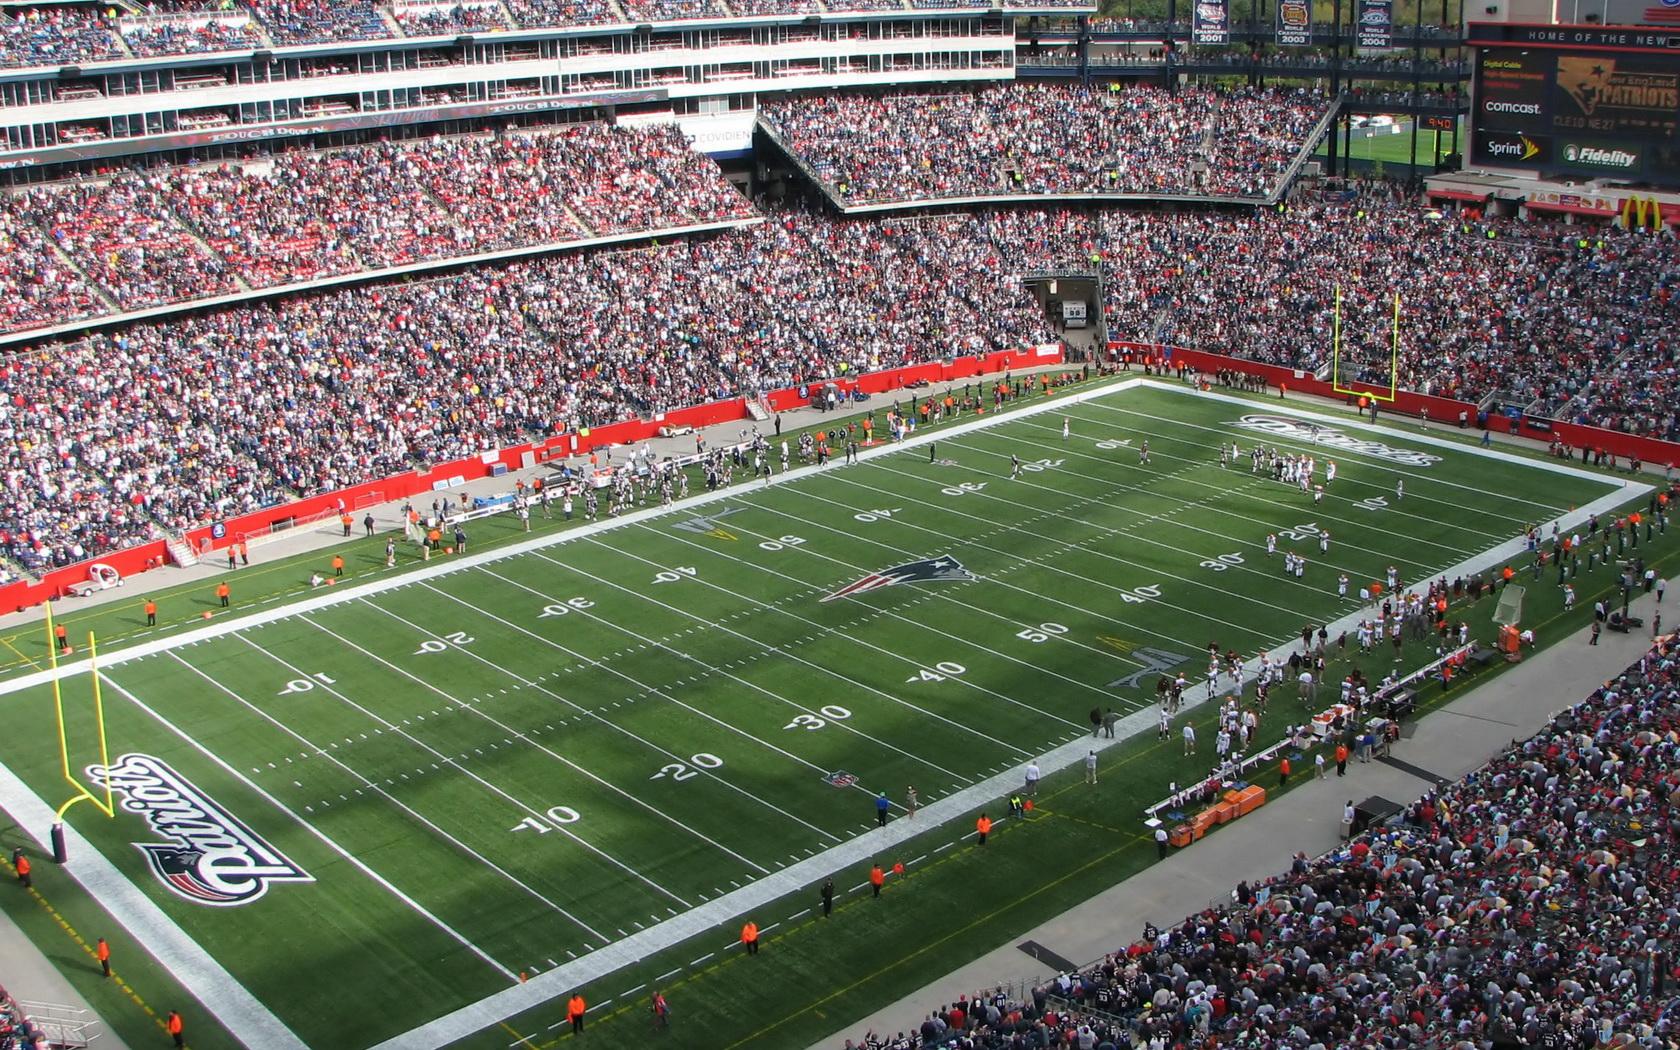 Stadium NFL Sports People American Football wallpaper 1680x1050 1680x1050